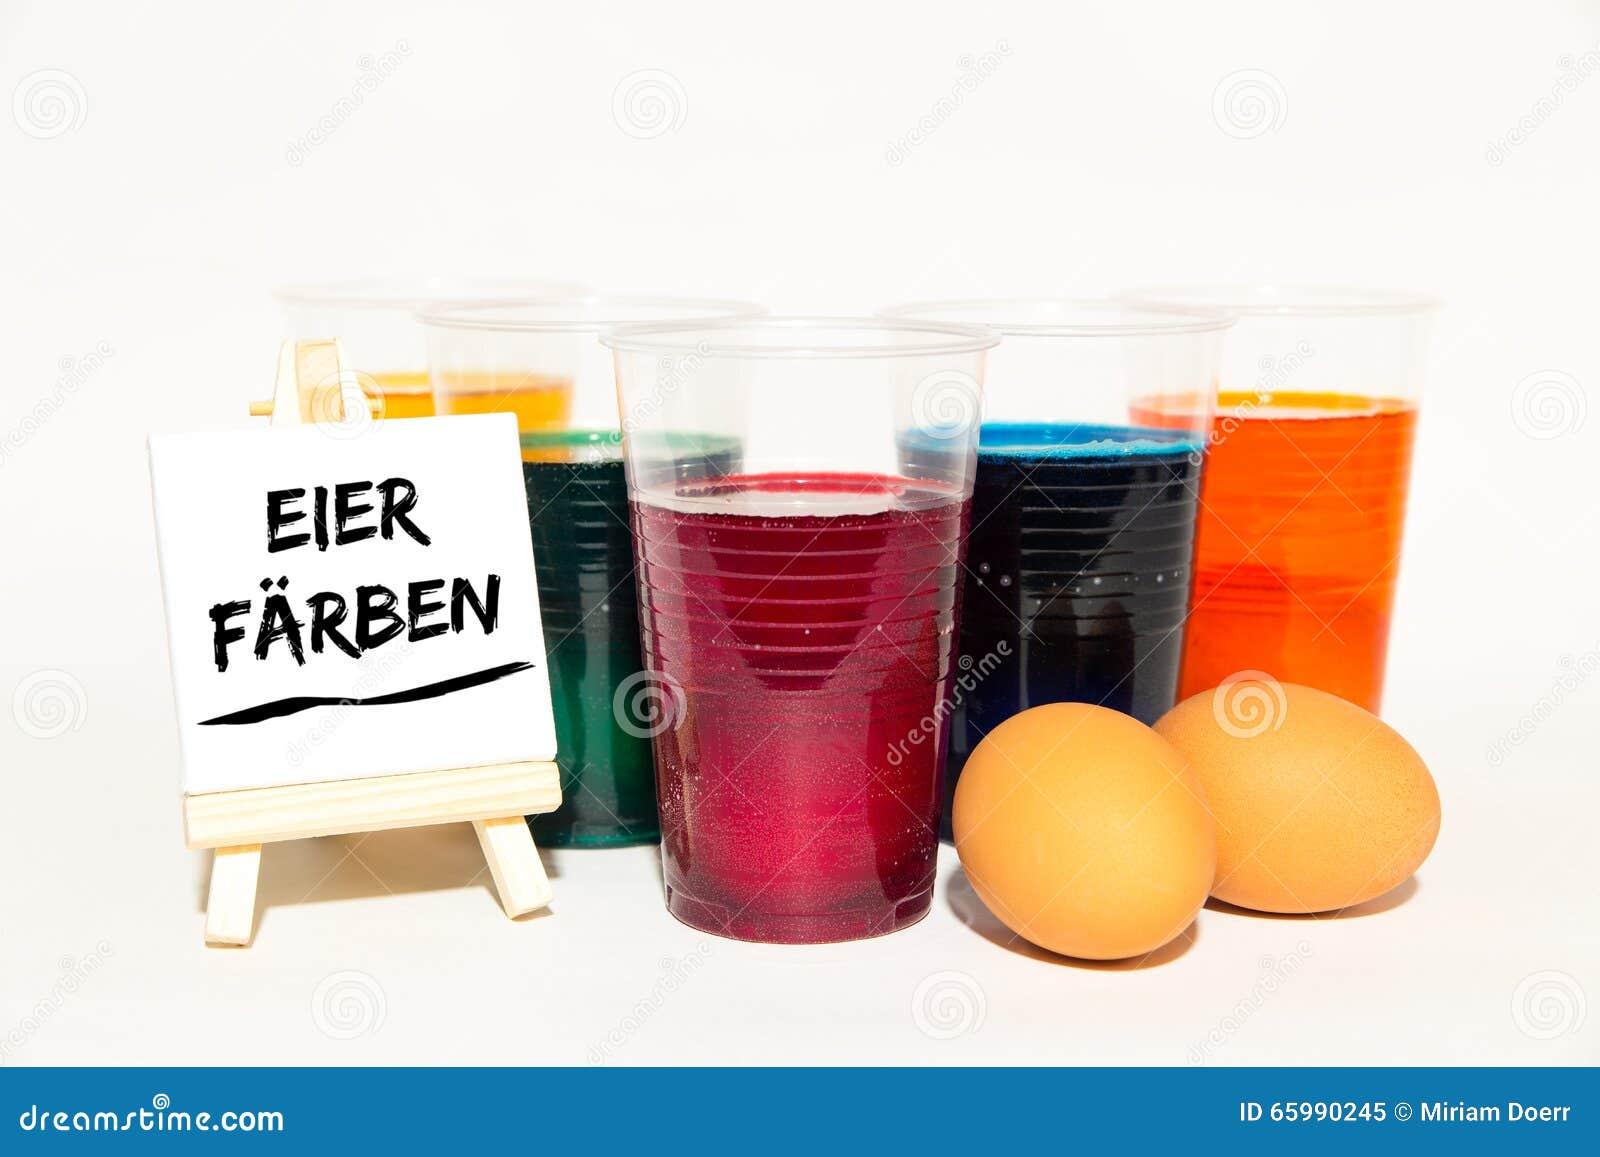 Färbung, Eier, Ostern, Segeltuch Mit Text Stockbild - Bild von ...